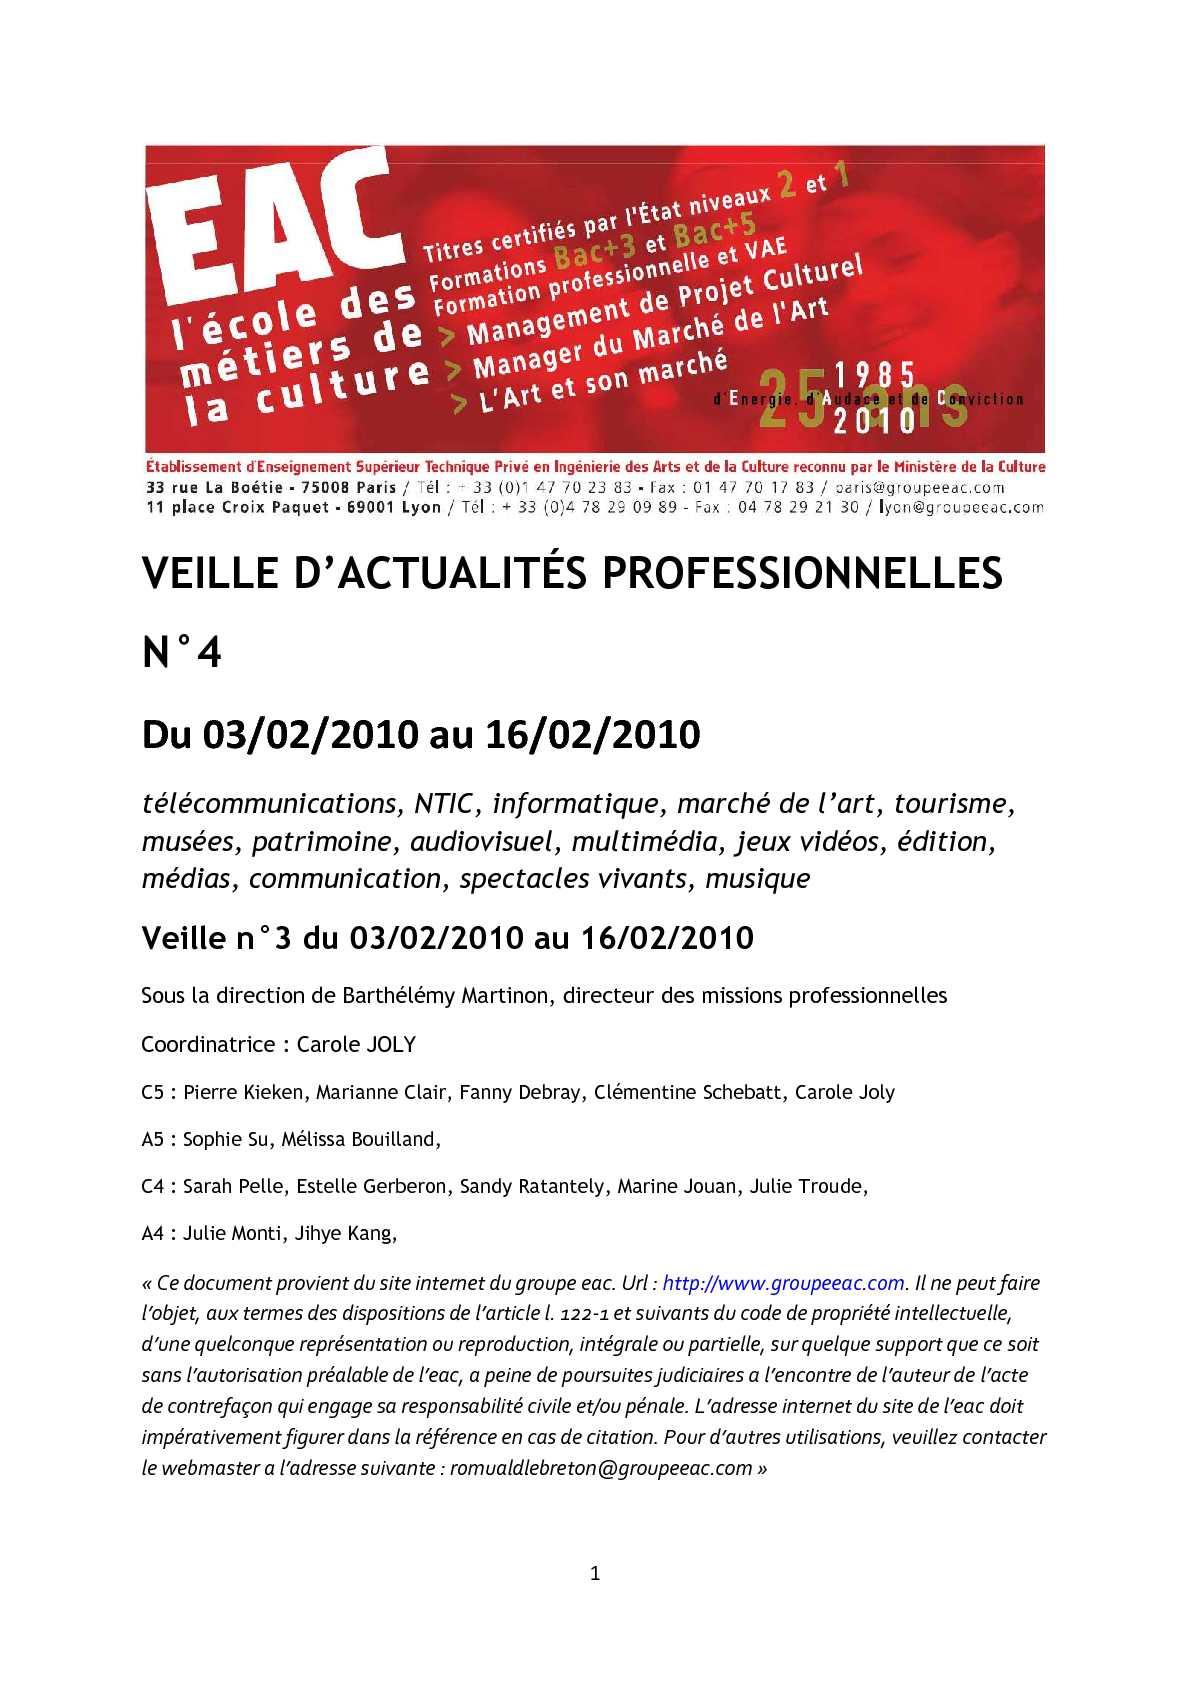 Calaméo - EAC   2009-2010   Veille d actualité professionnelle n°4    03 02 10 - 16 02 10 2cef7551b186